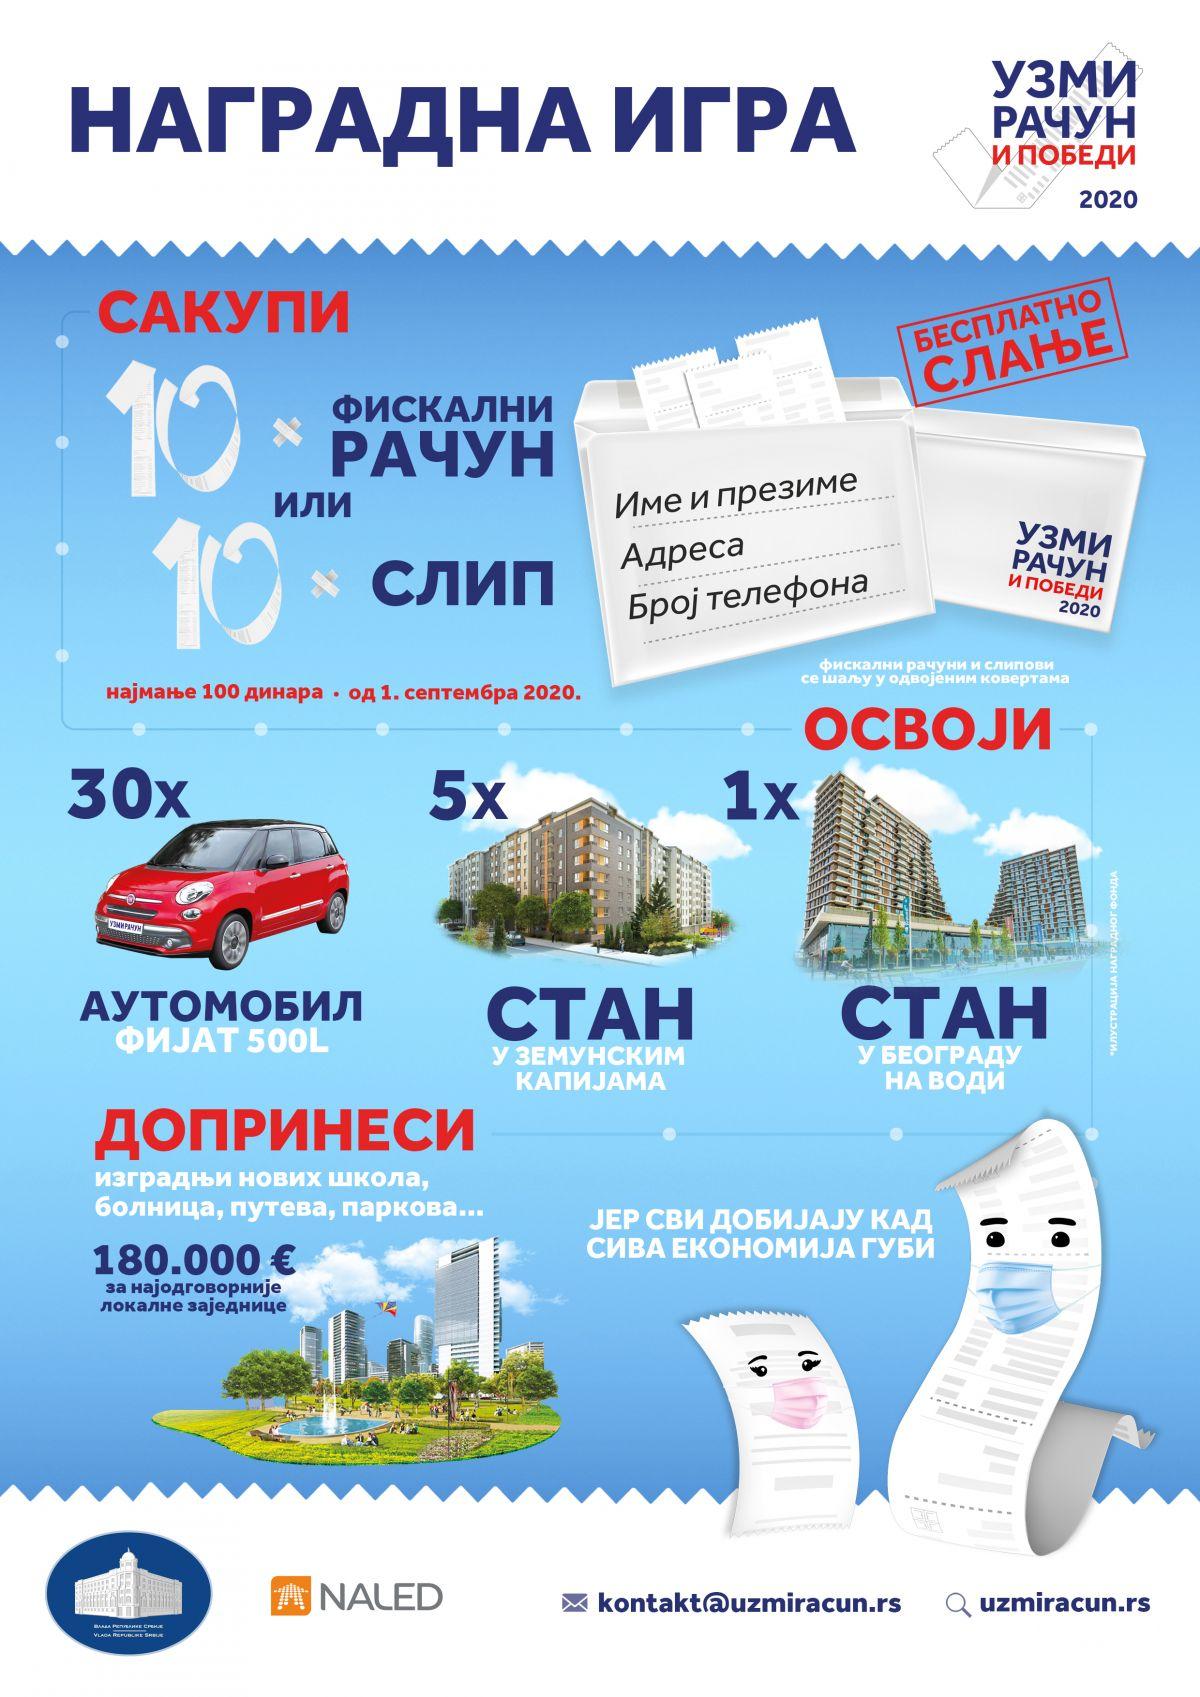 Сајт Владе Републике Србије, Координационо тело за сузбијање сиве економије